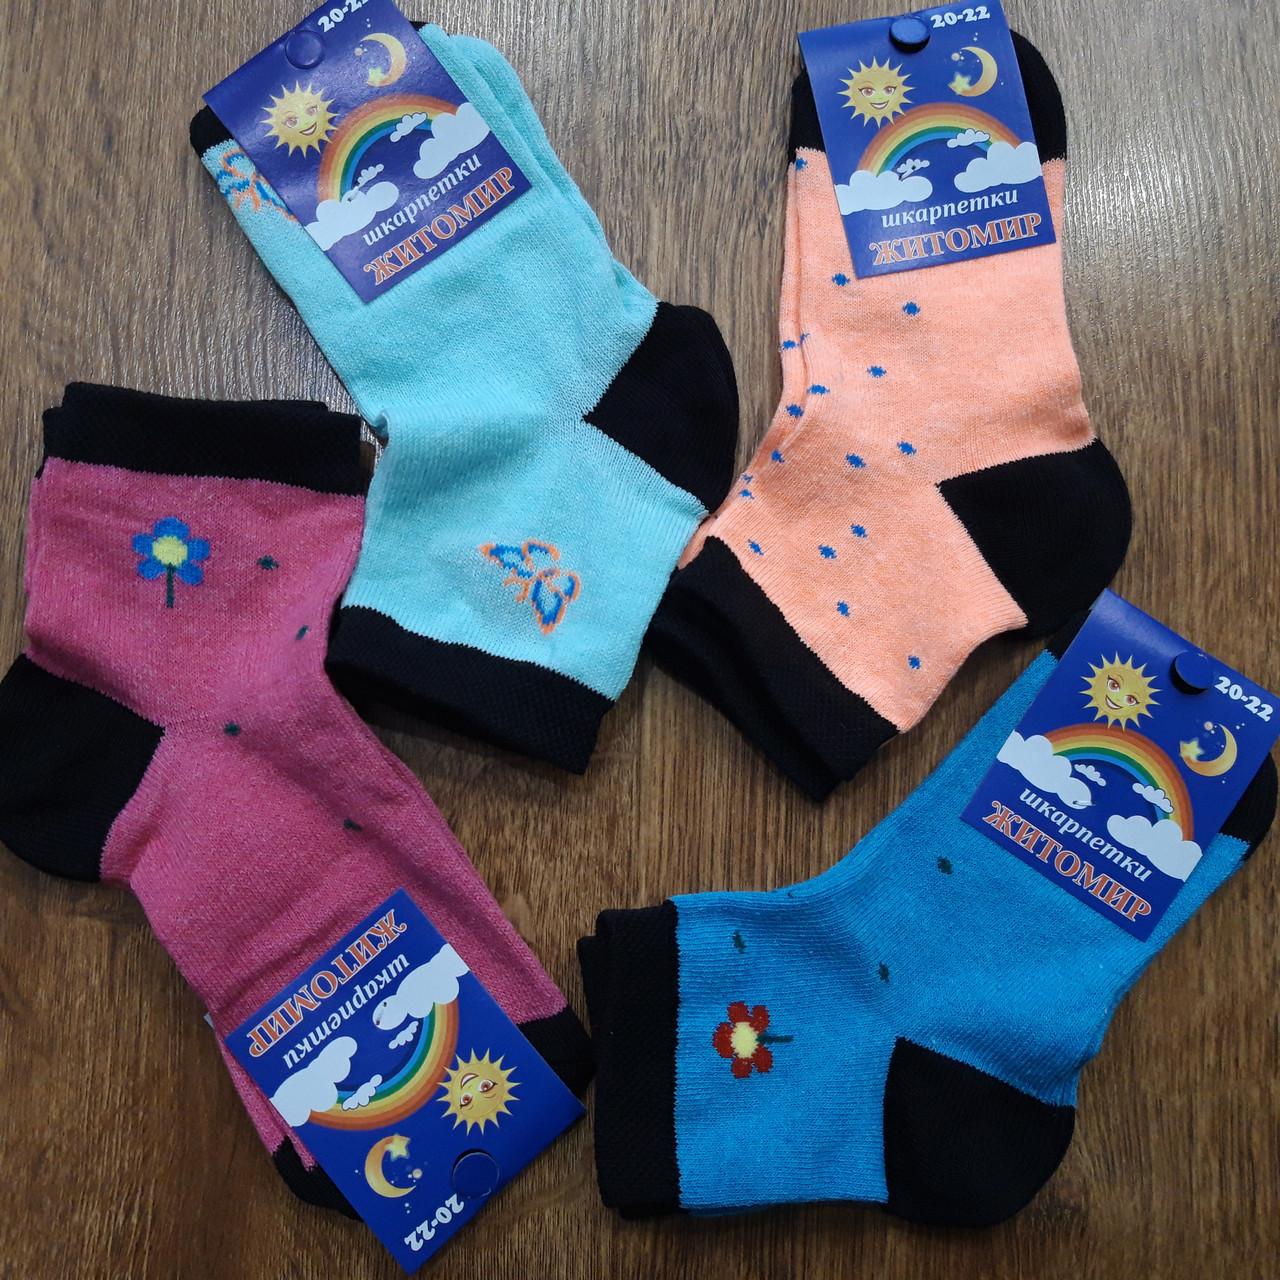 """Дитячі демісезонні шкарпетки """"Житомир Сонечко""""для дівчаток"""